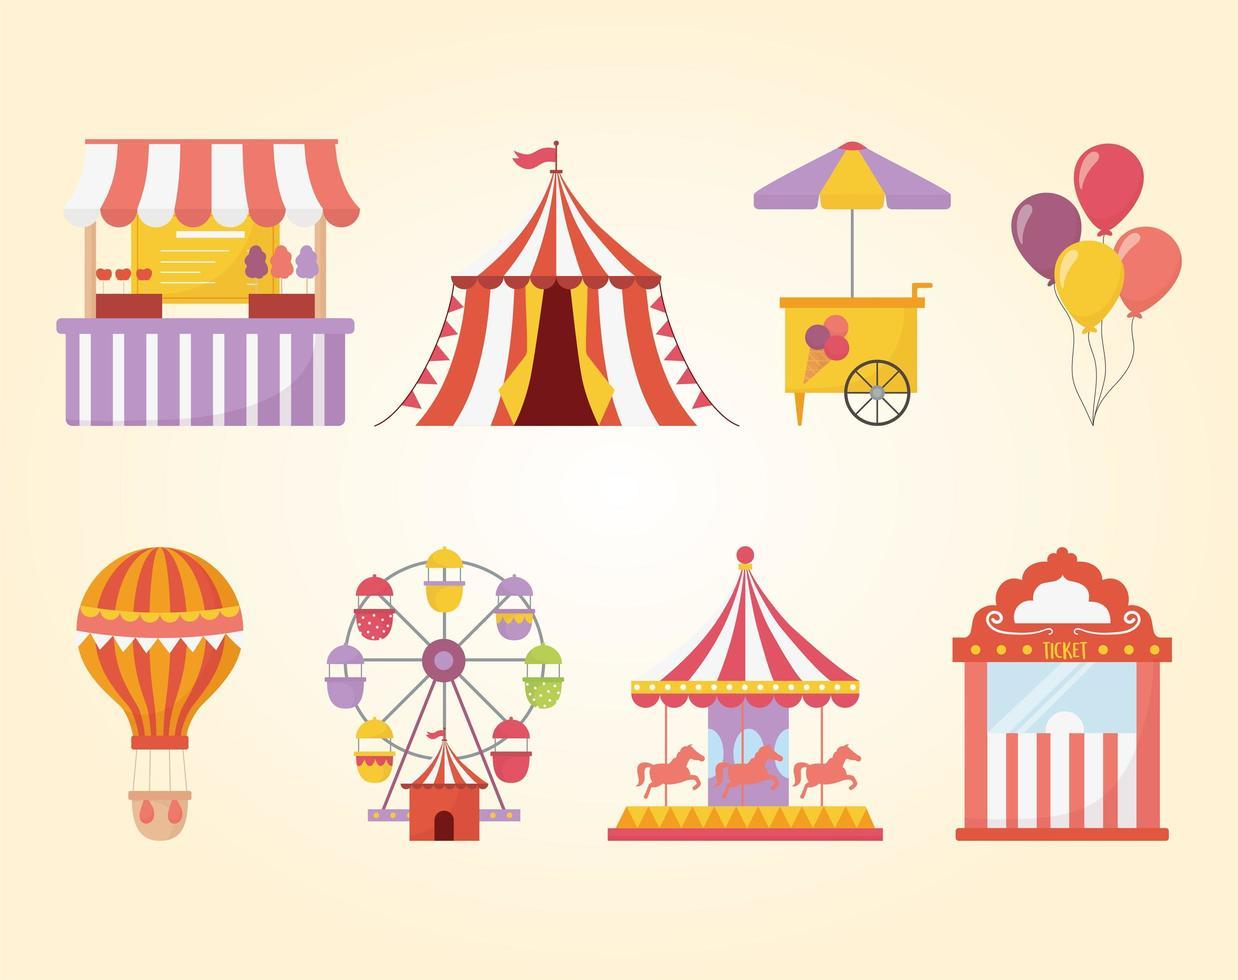 Conjunto de iconos de recreación de feria, carnaval y entretenimiento. vector